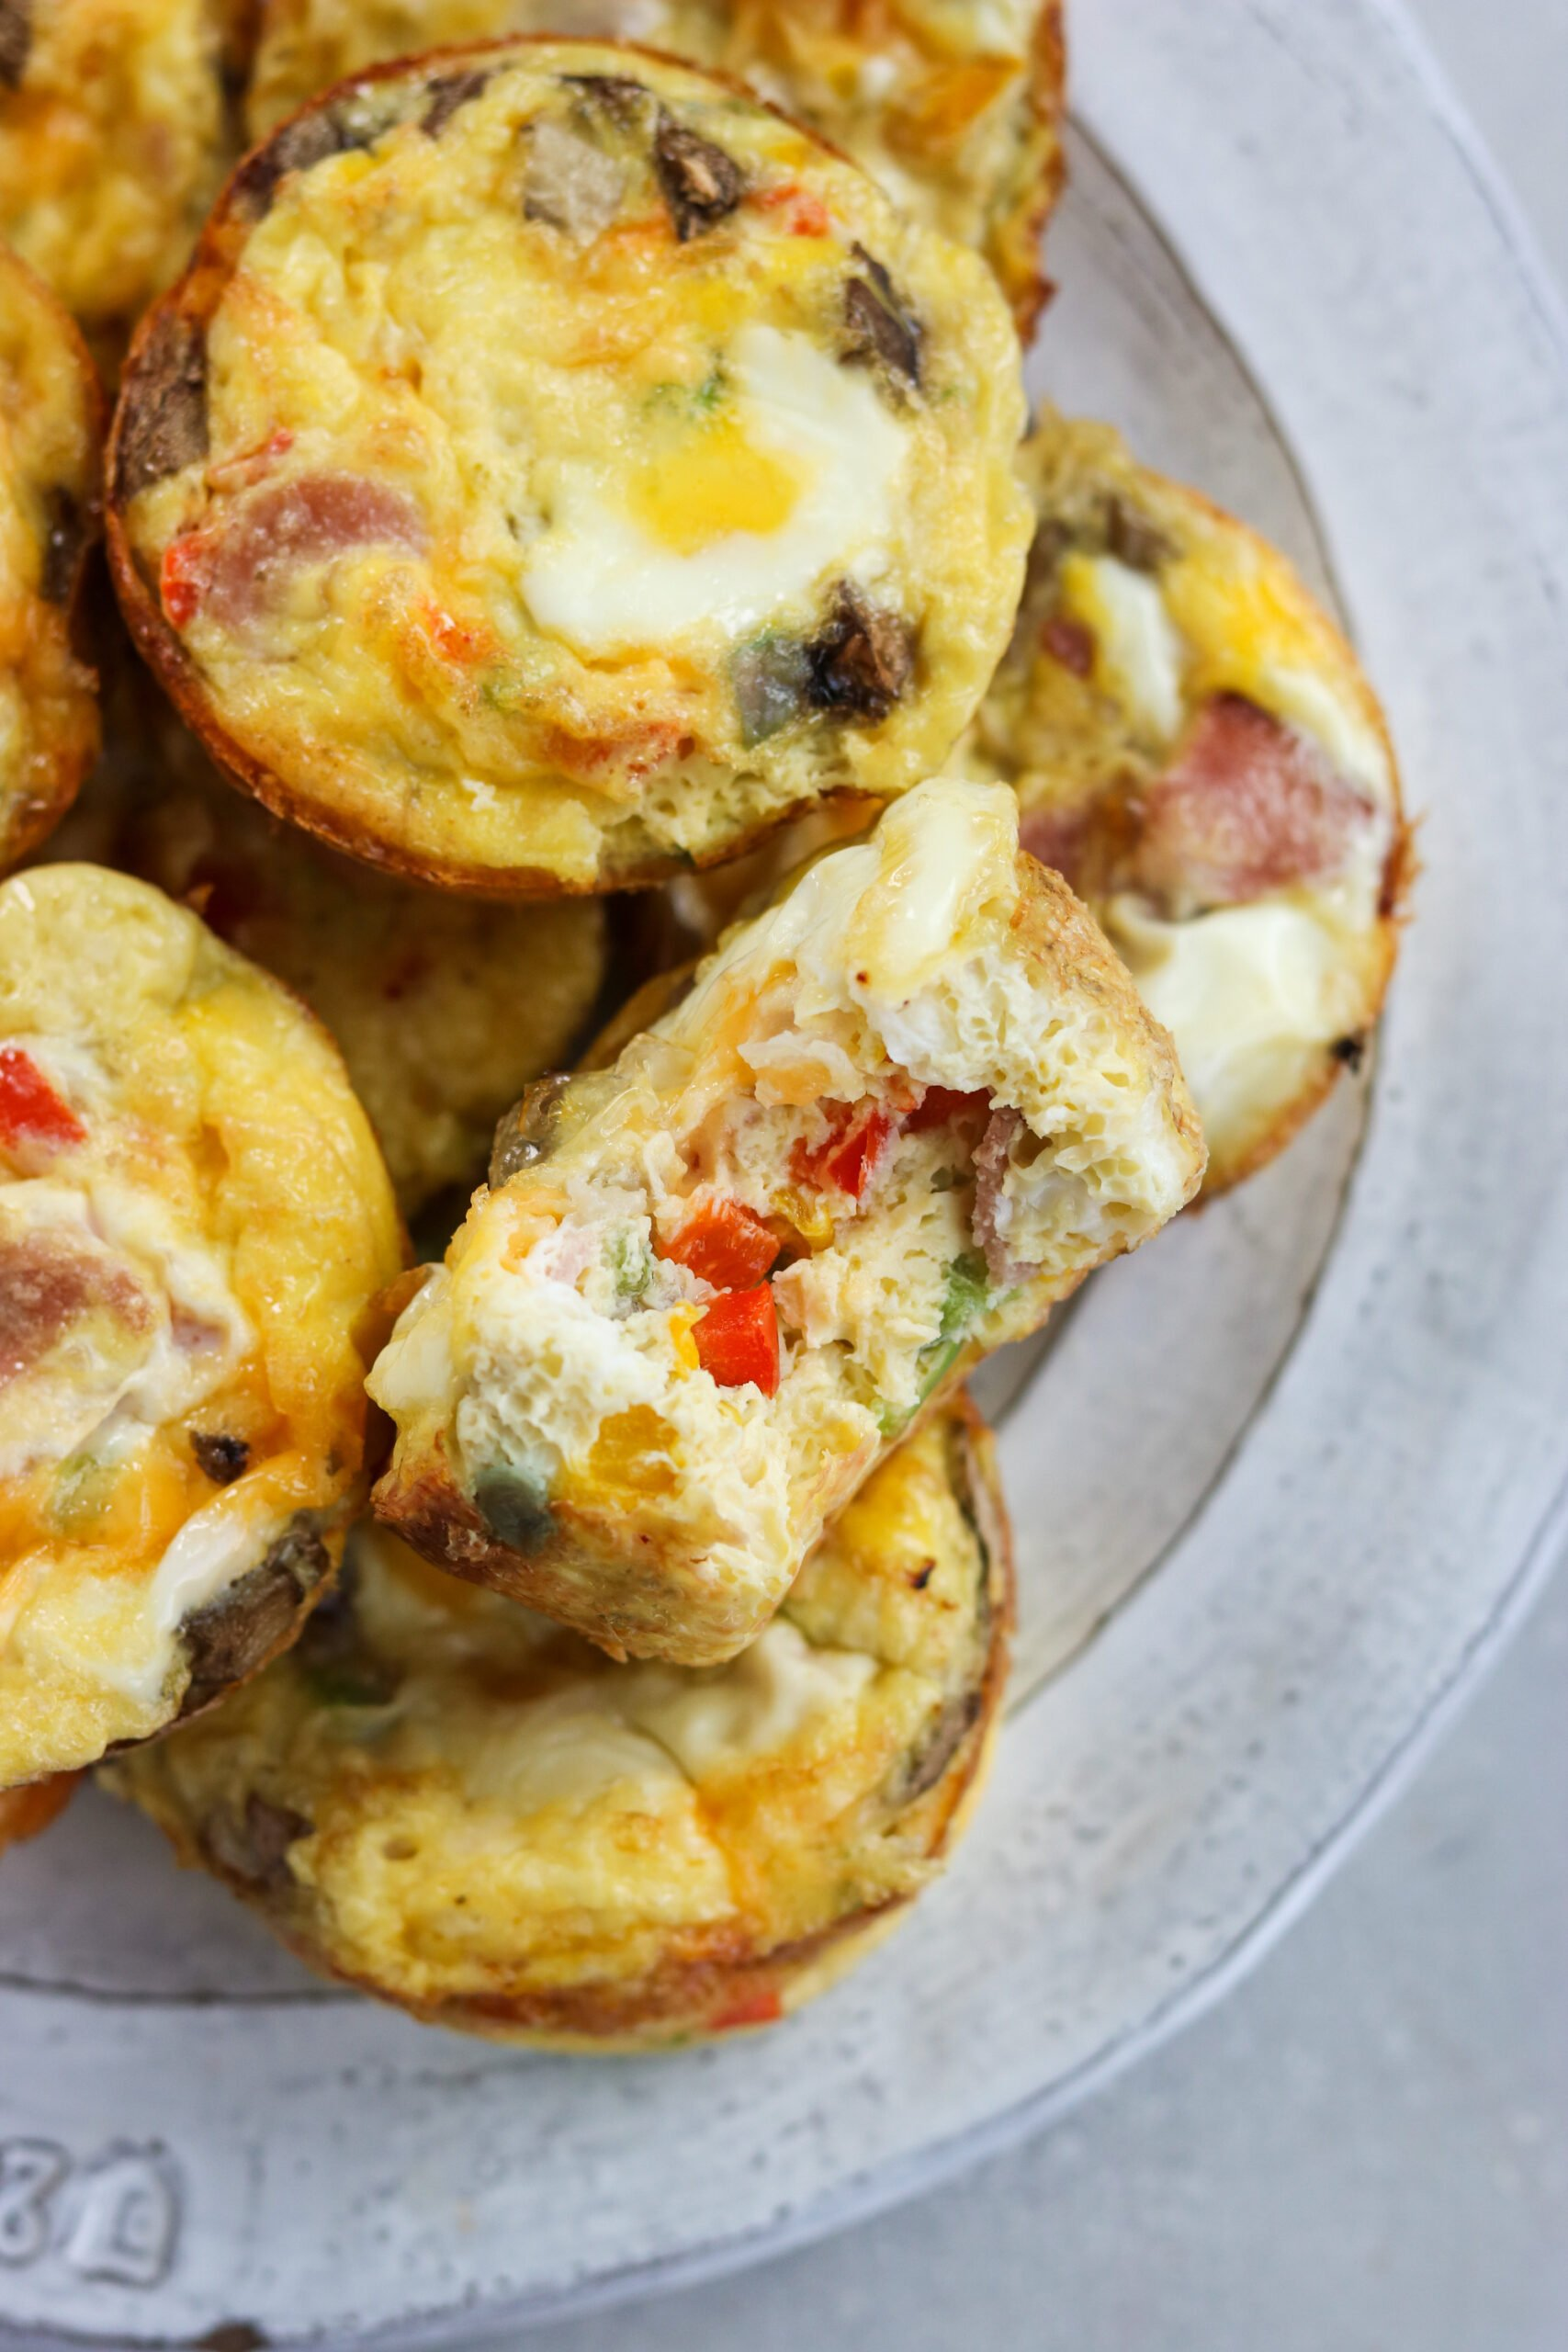 Western Omelette Egg Bites on a white plate